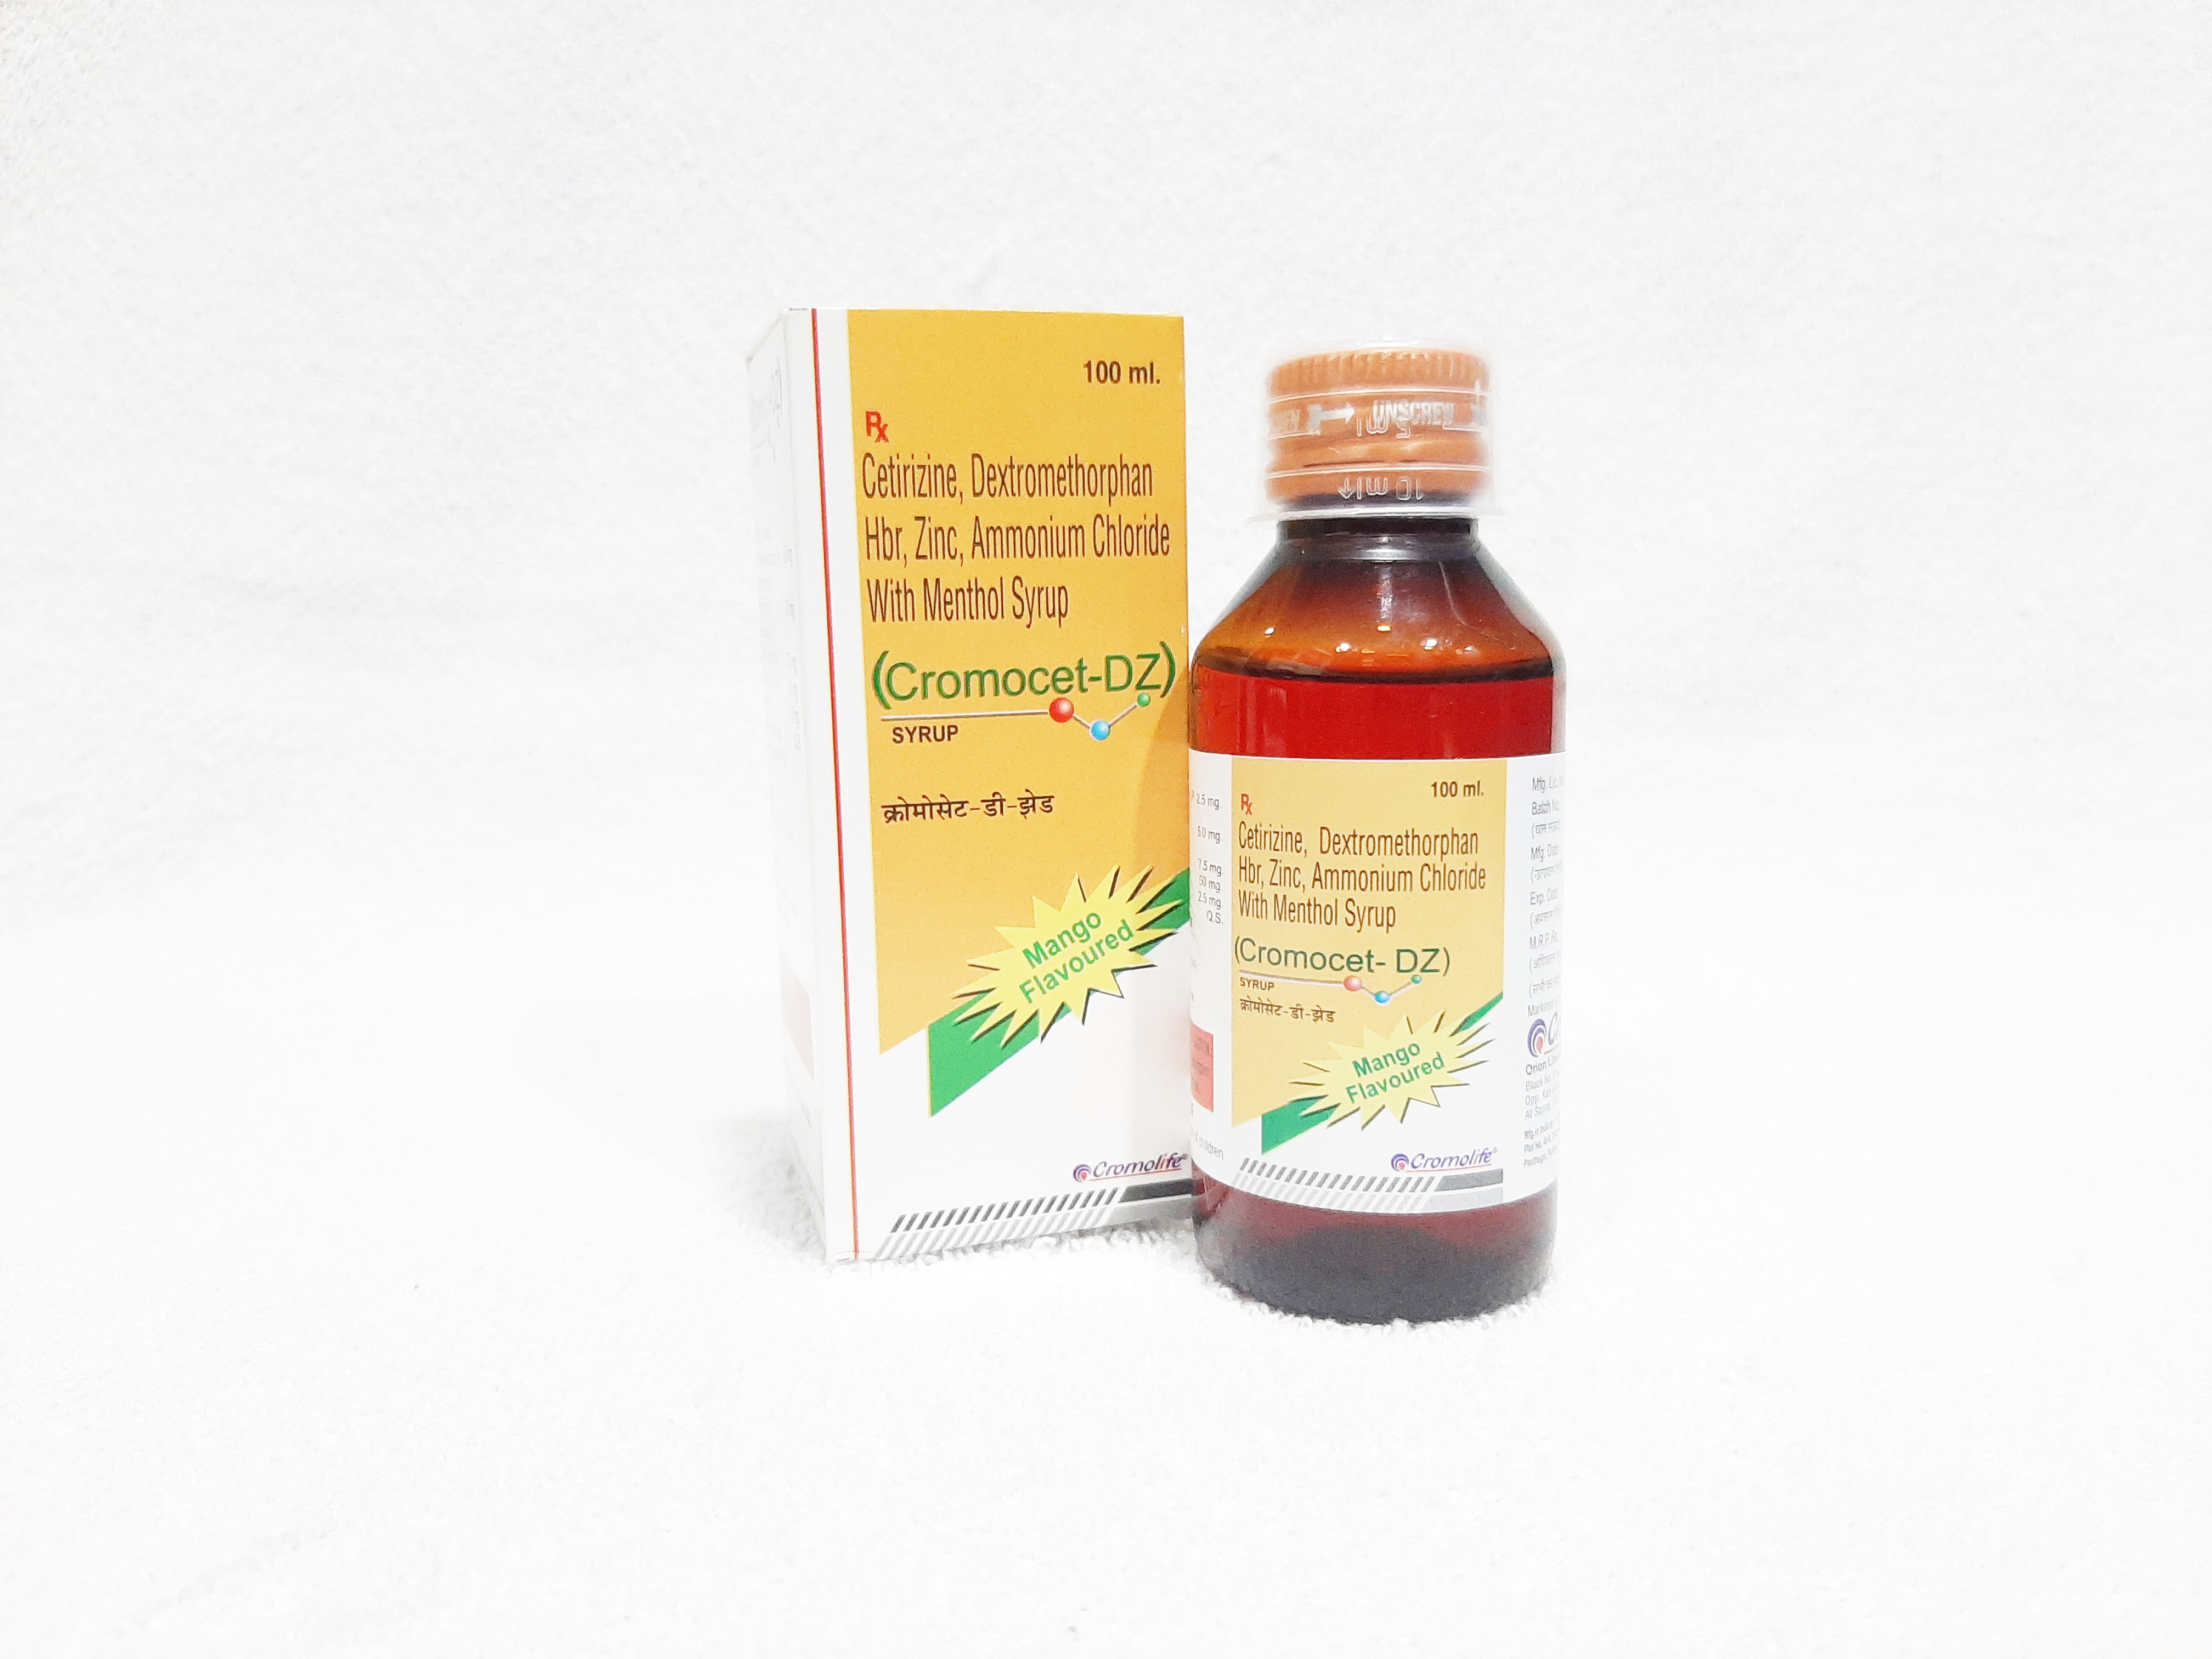 Cetirizine, Hbr Zinc Ammonium Chloride With Menthol Syrup